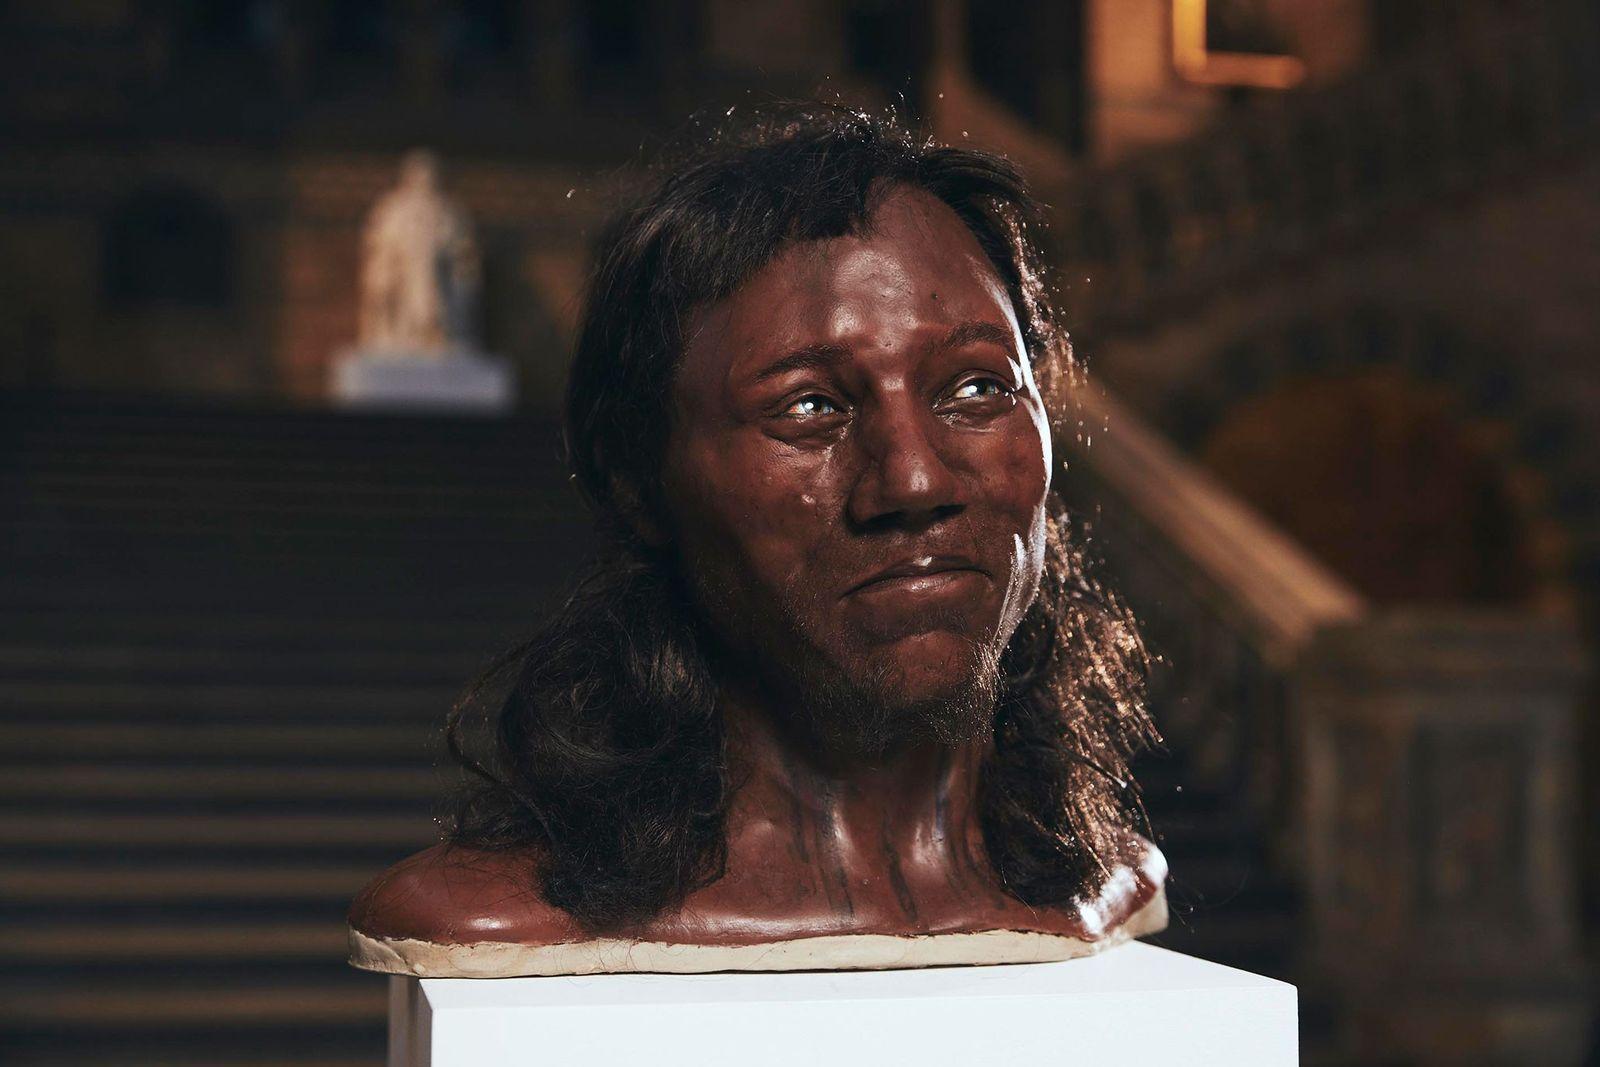 Durch eine Sequenzierung der DNA konnten Forscher auf die Augenfarbe, die Hautfarbe und den Haartyp schließen. ...